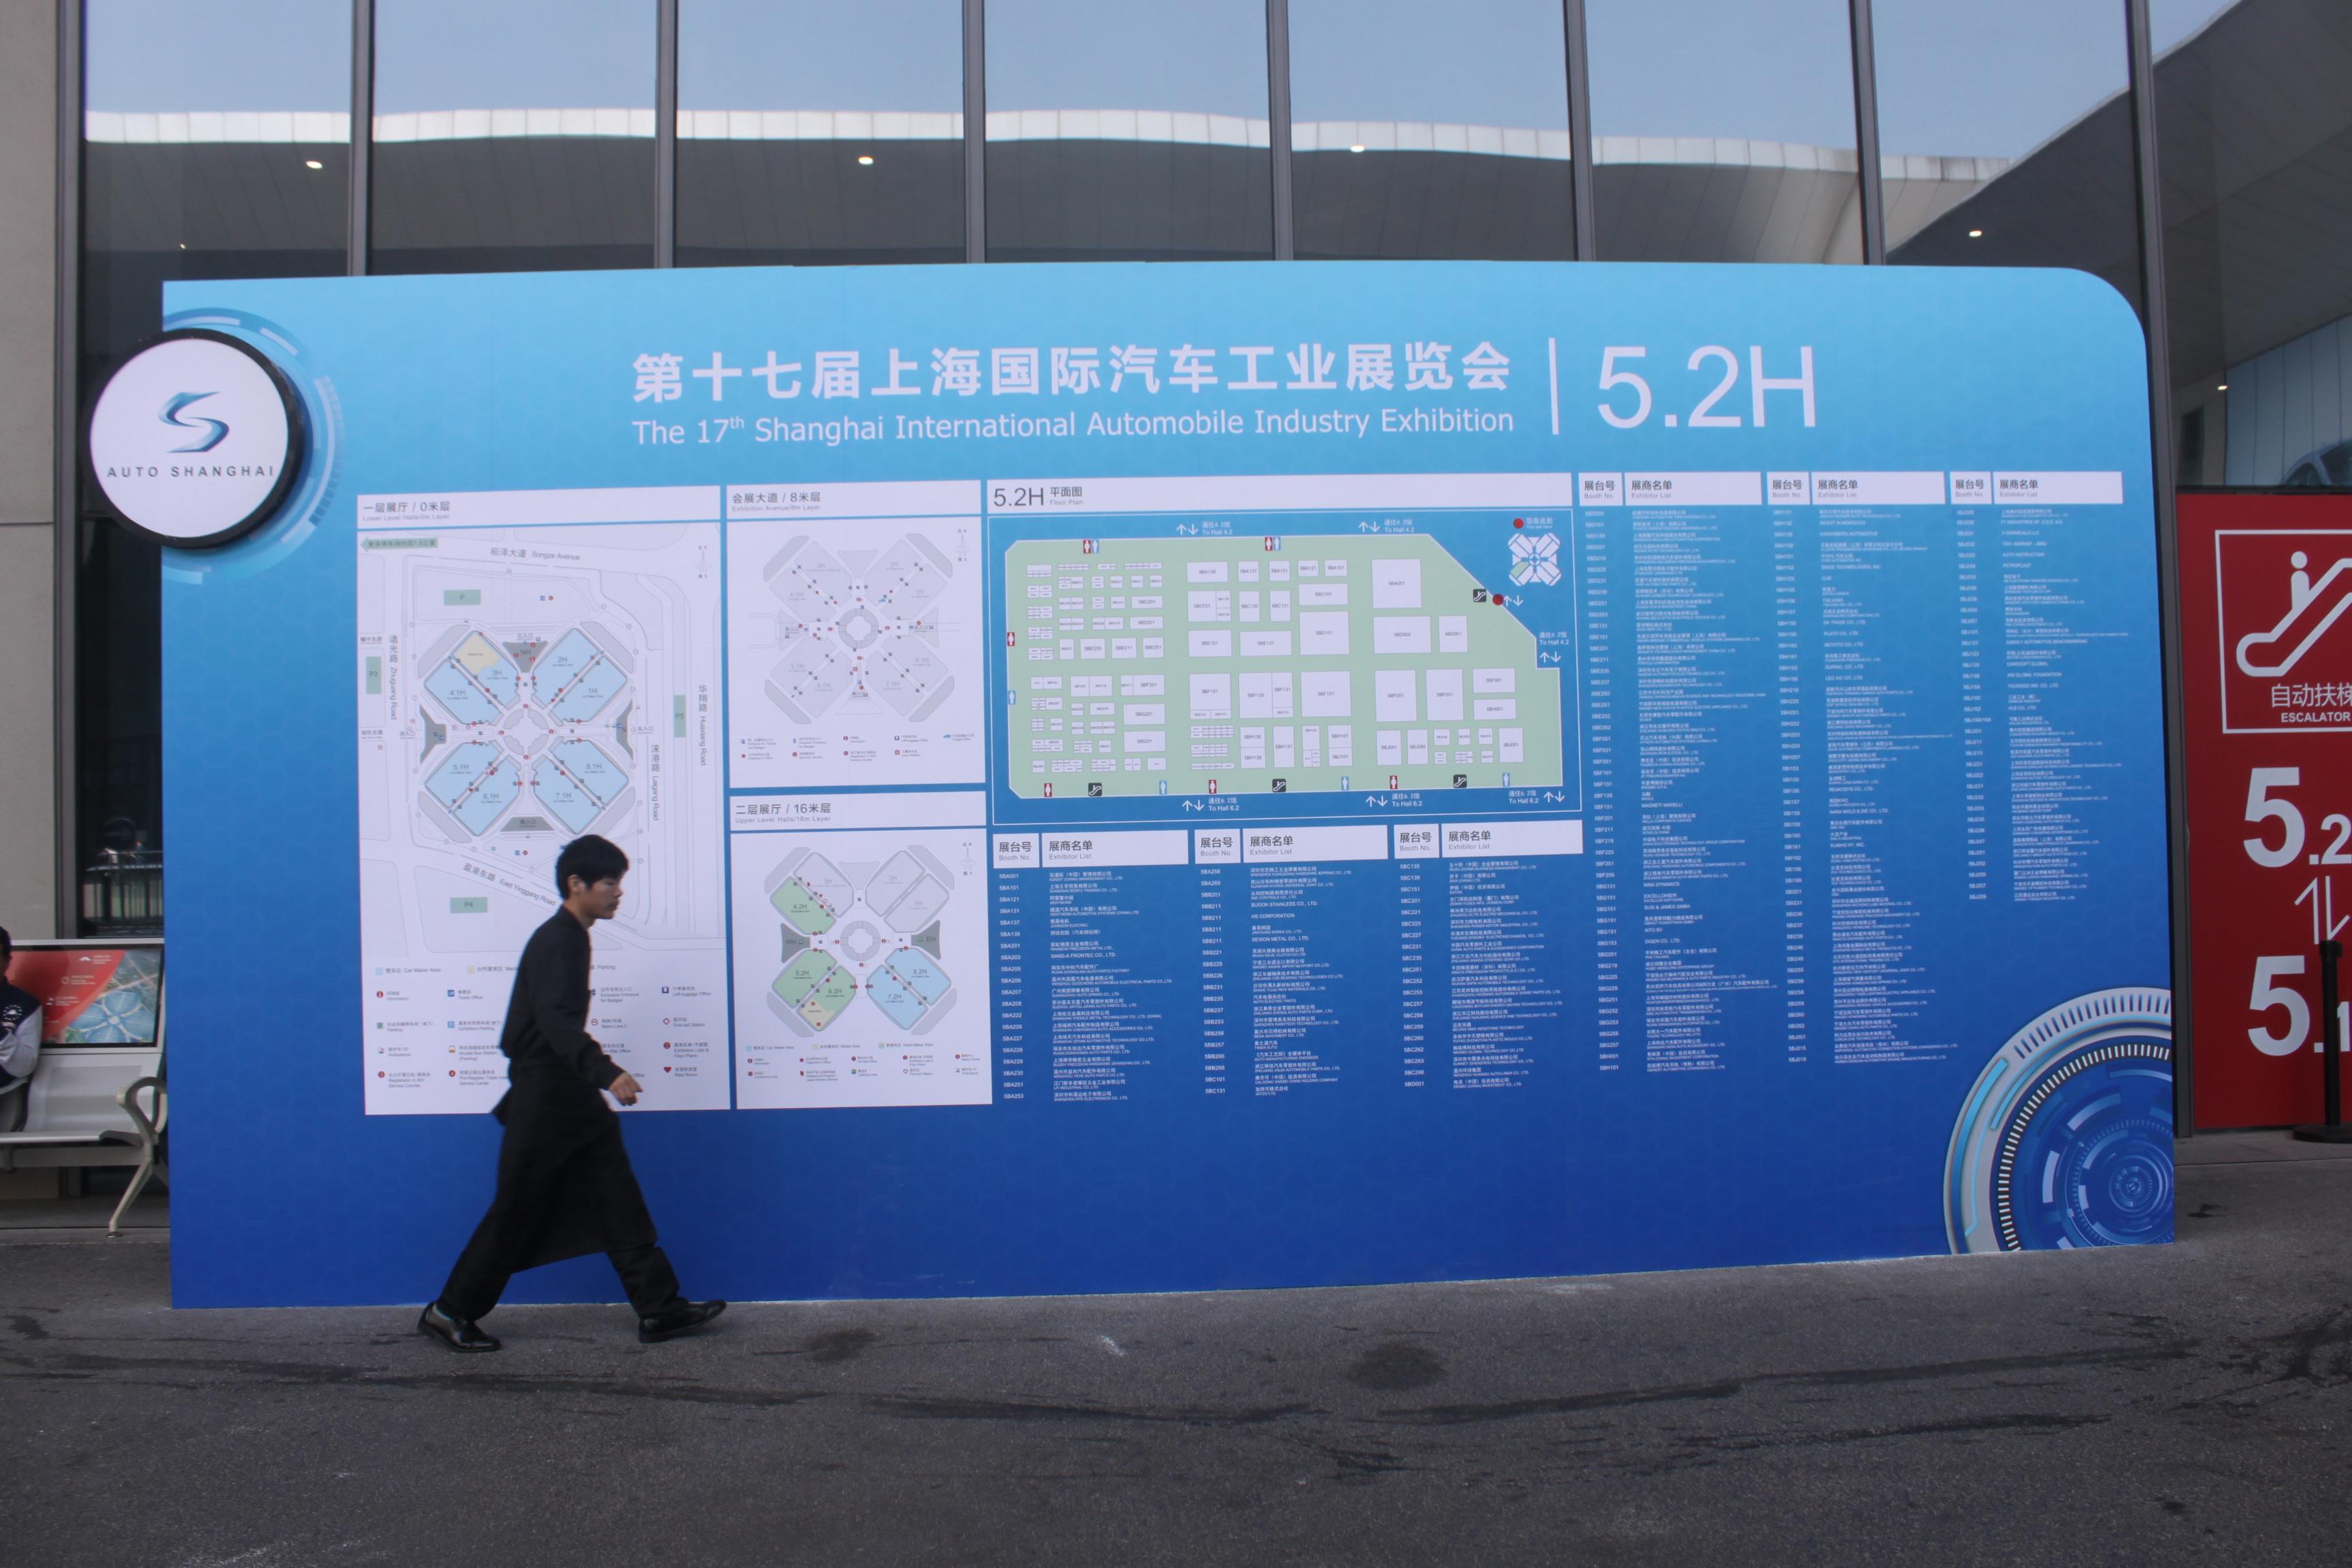 从上海车展看未来智能汽车